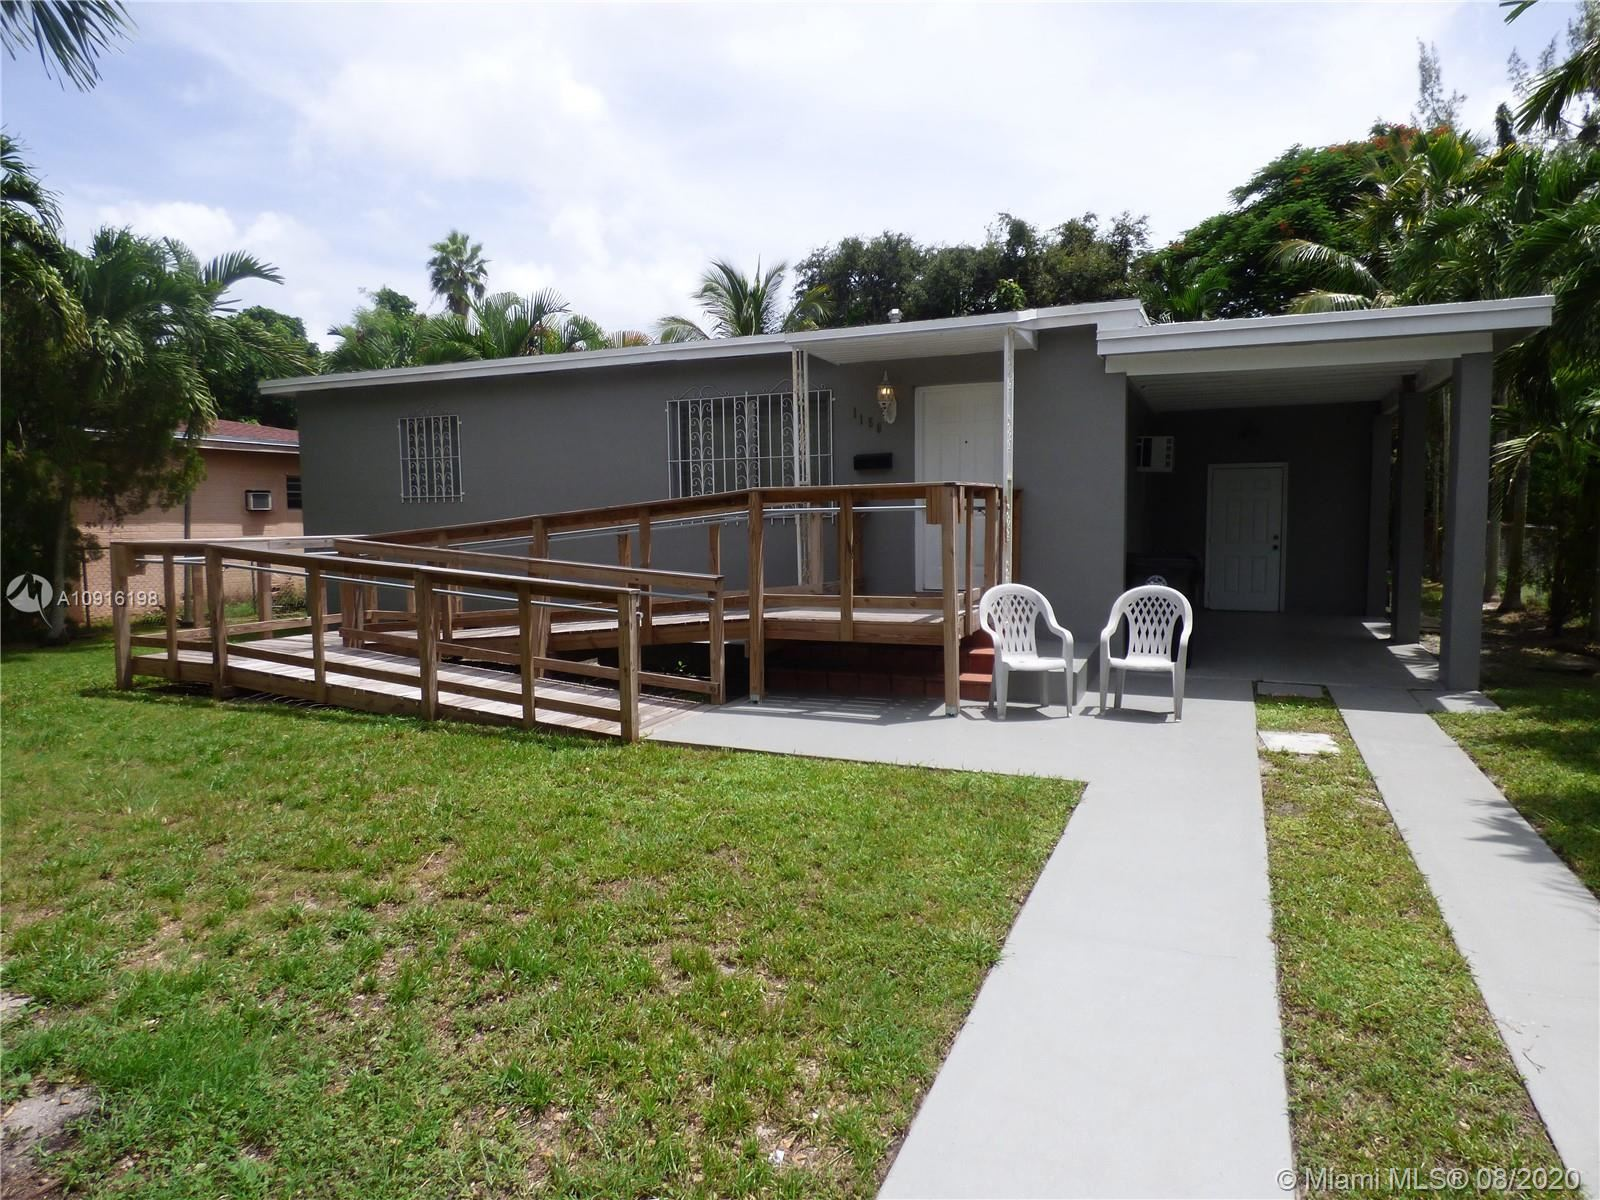 1150 NE 159th St, North Miami Beach, FL 33162 - #: A10916198